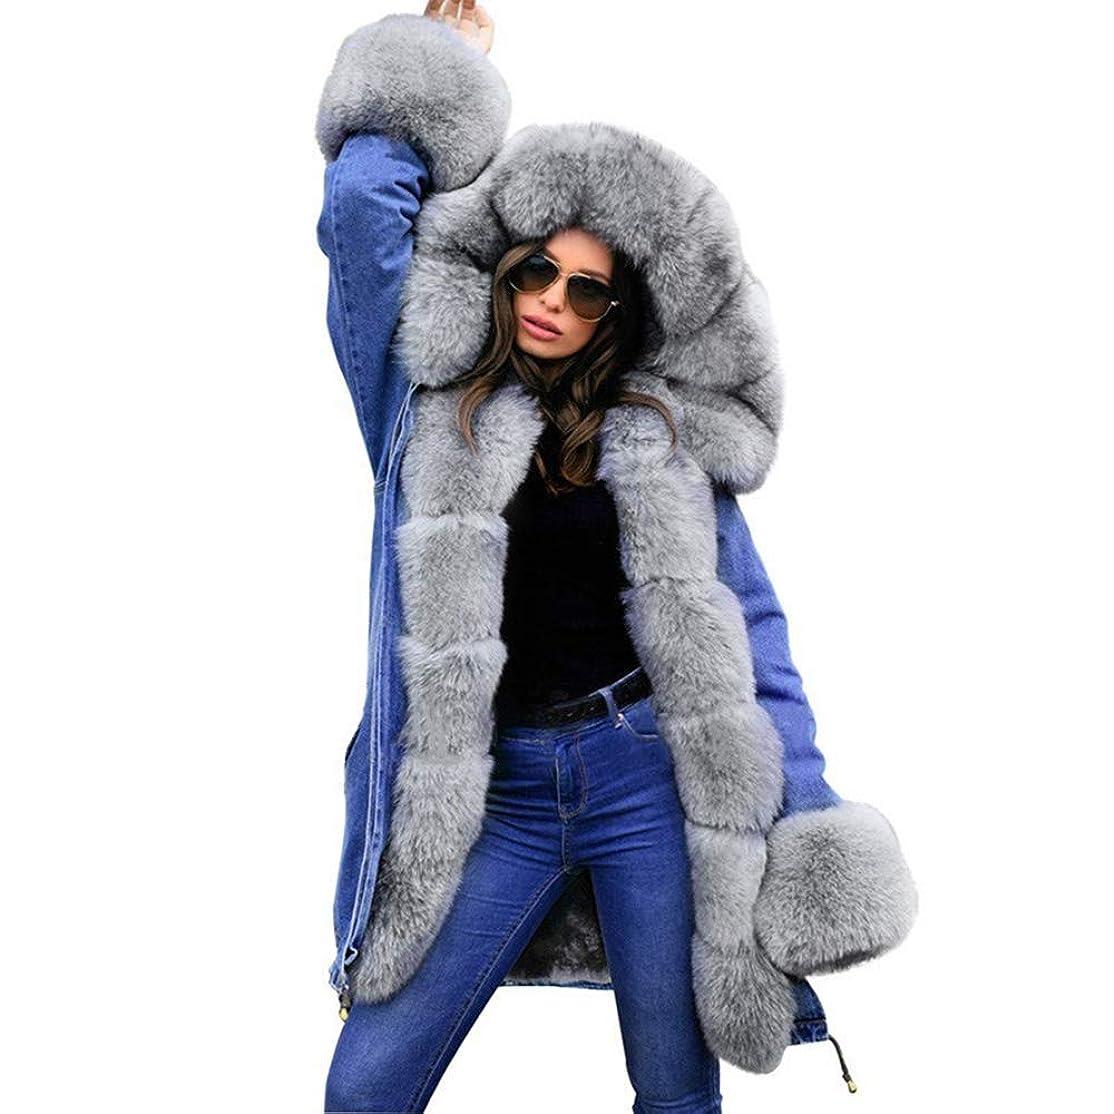 ビット遅れ踊り子冬の女性のフード付きコートの毛皮の襟暖かいロングコートの女性の冬のジャケット女性のアウター,S